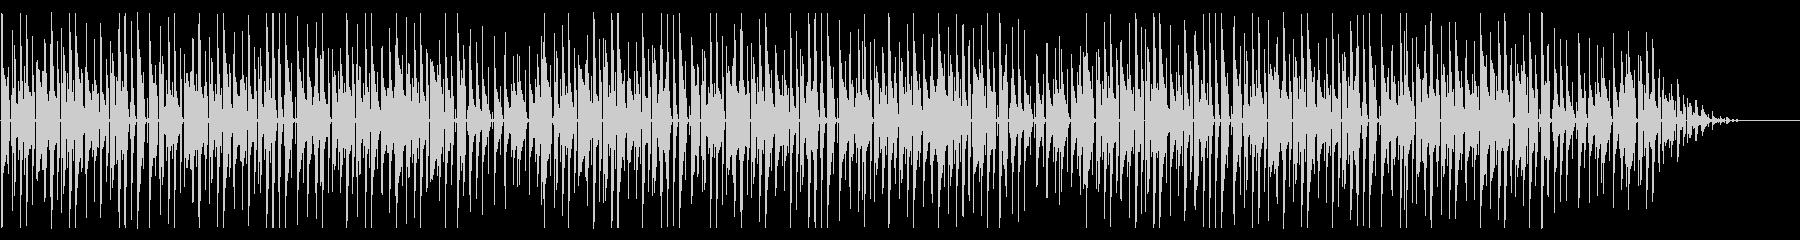 童謡「虫の声」脱力系アレンジの未再生の波形